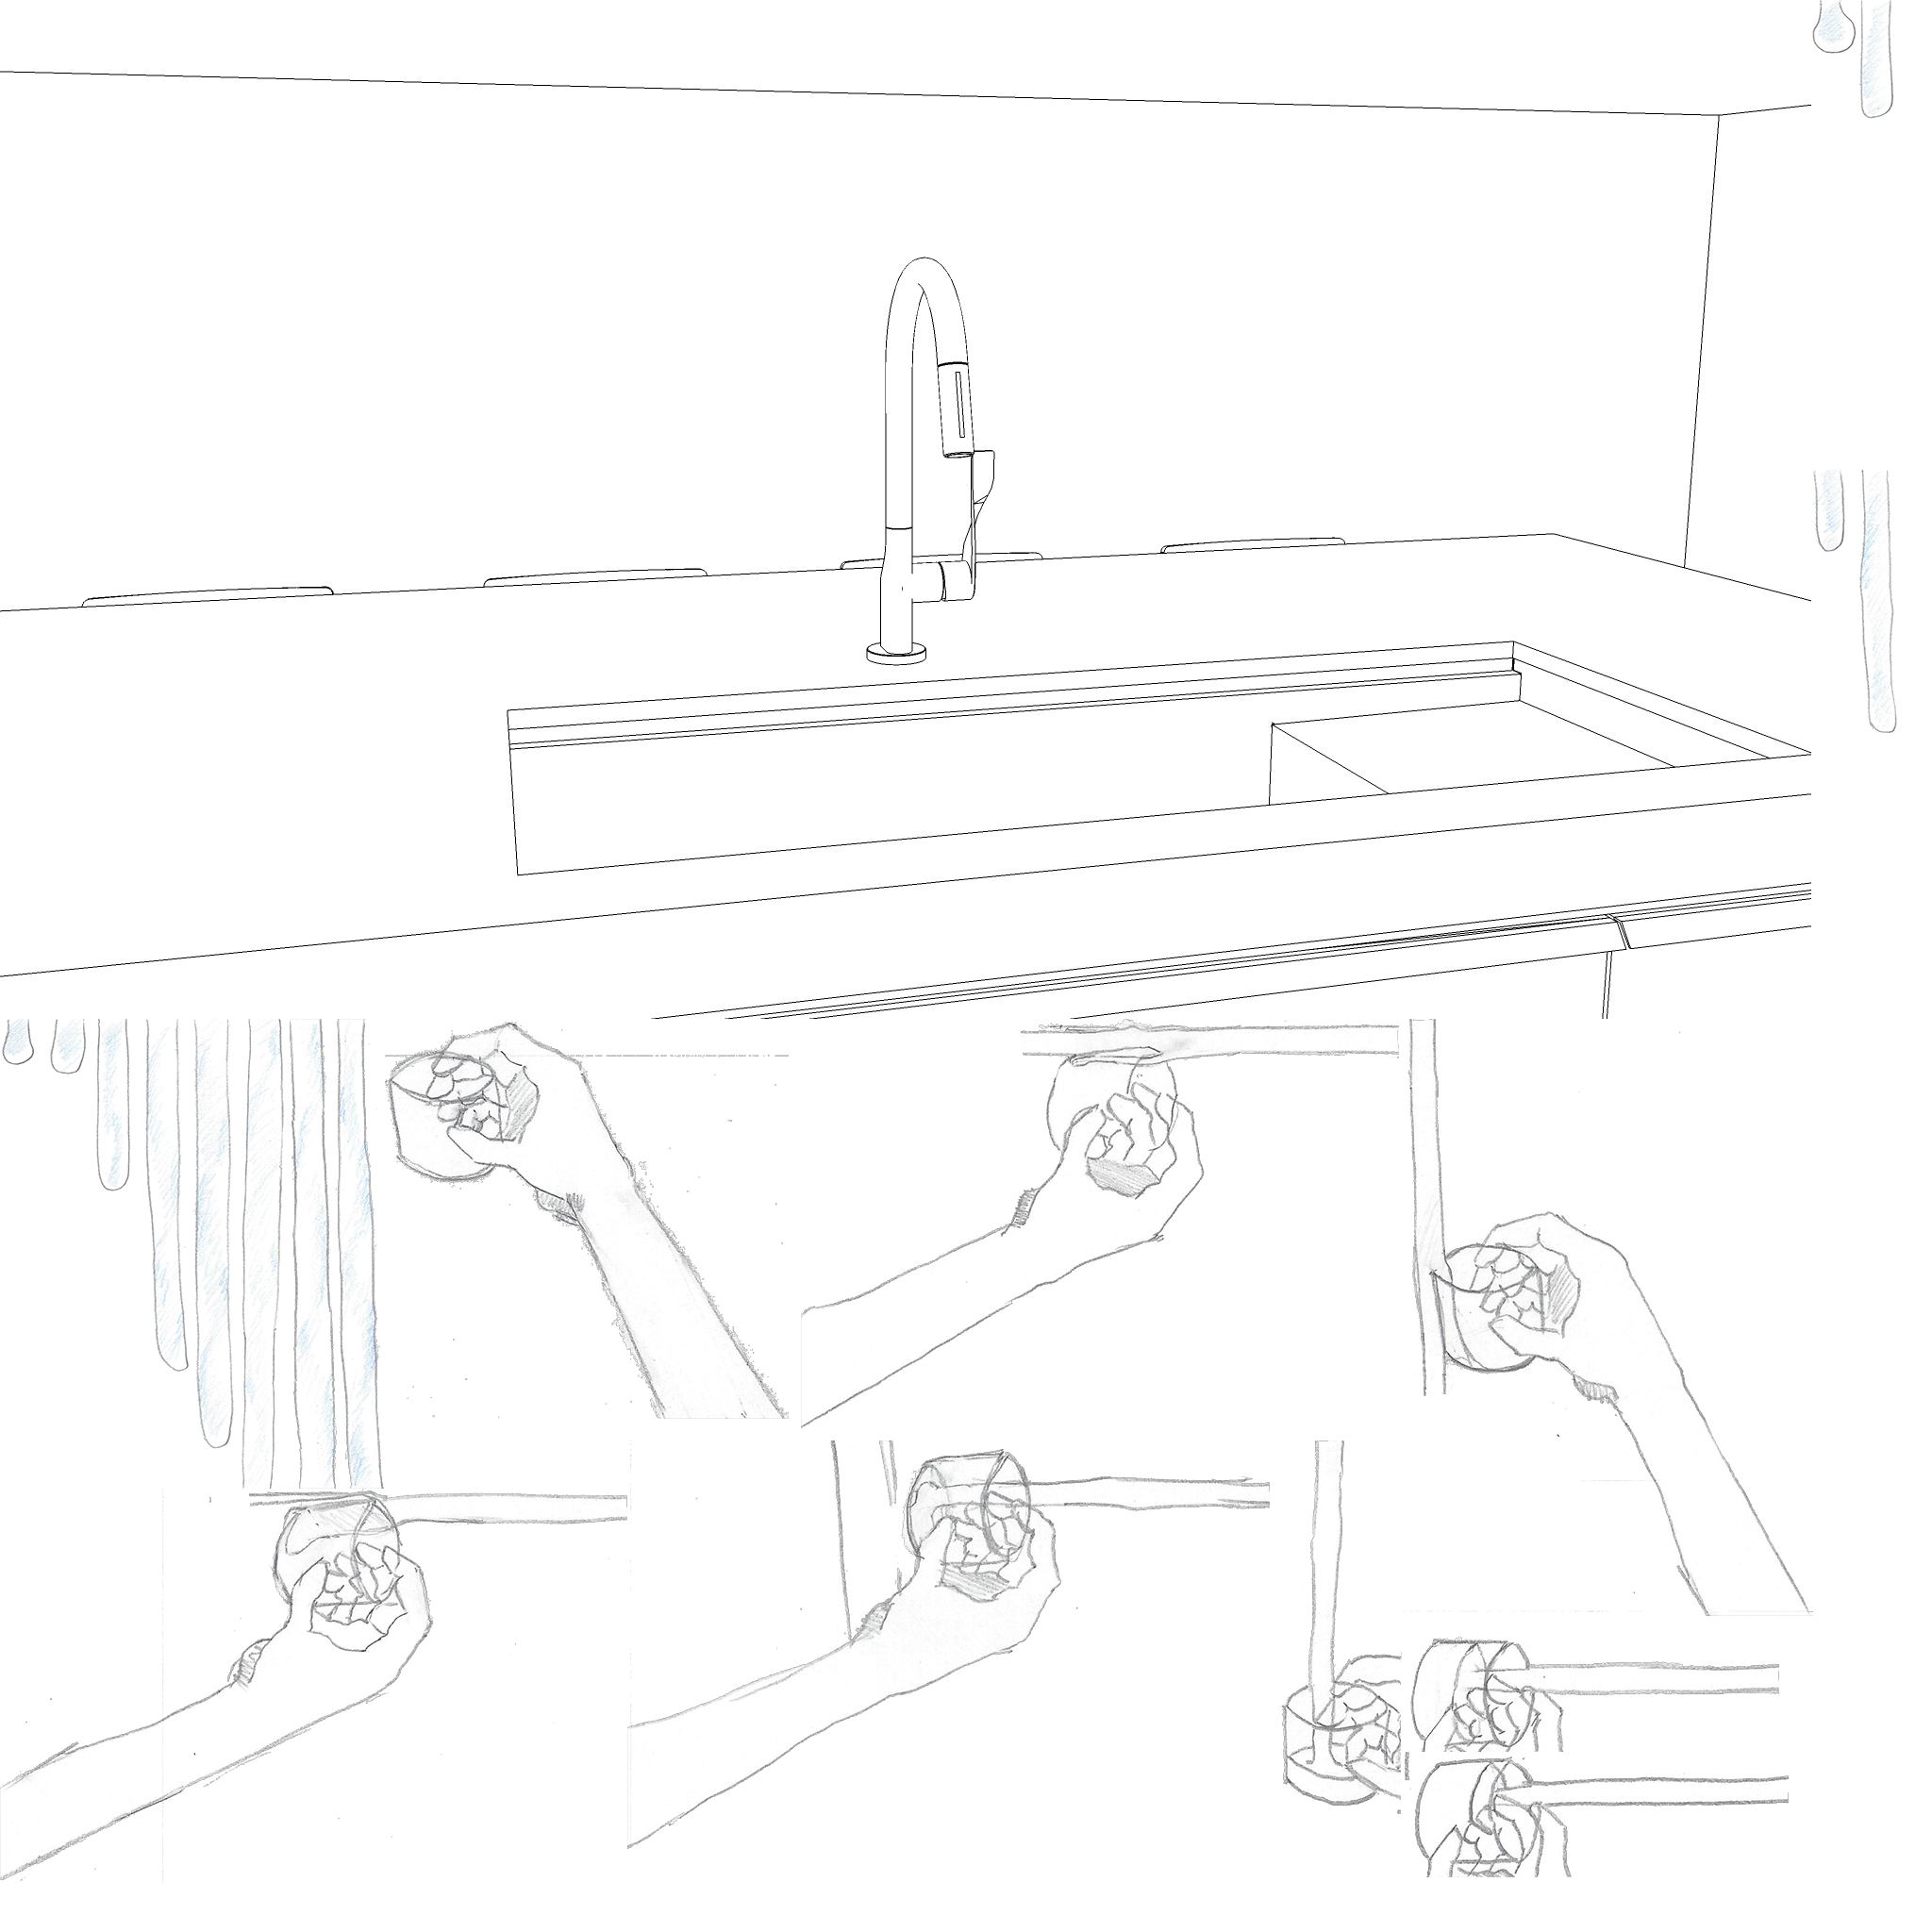 prison-cell-kitchen-no-door